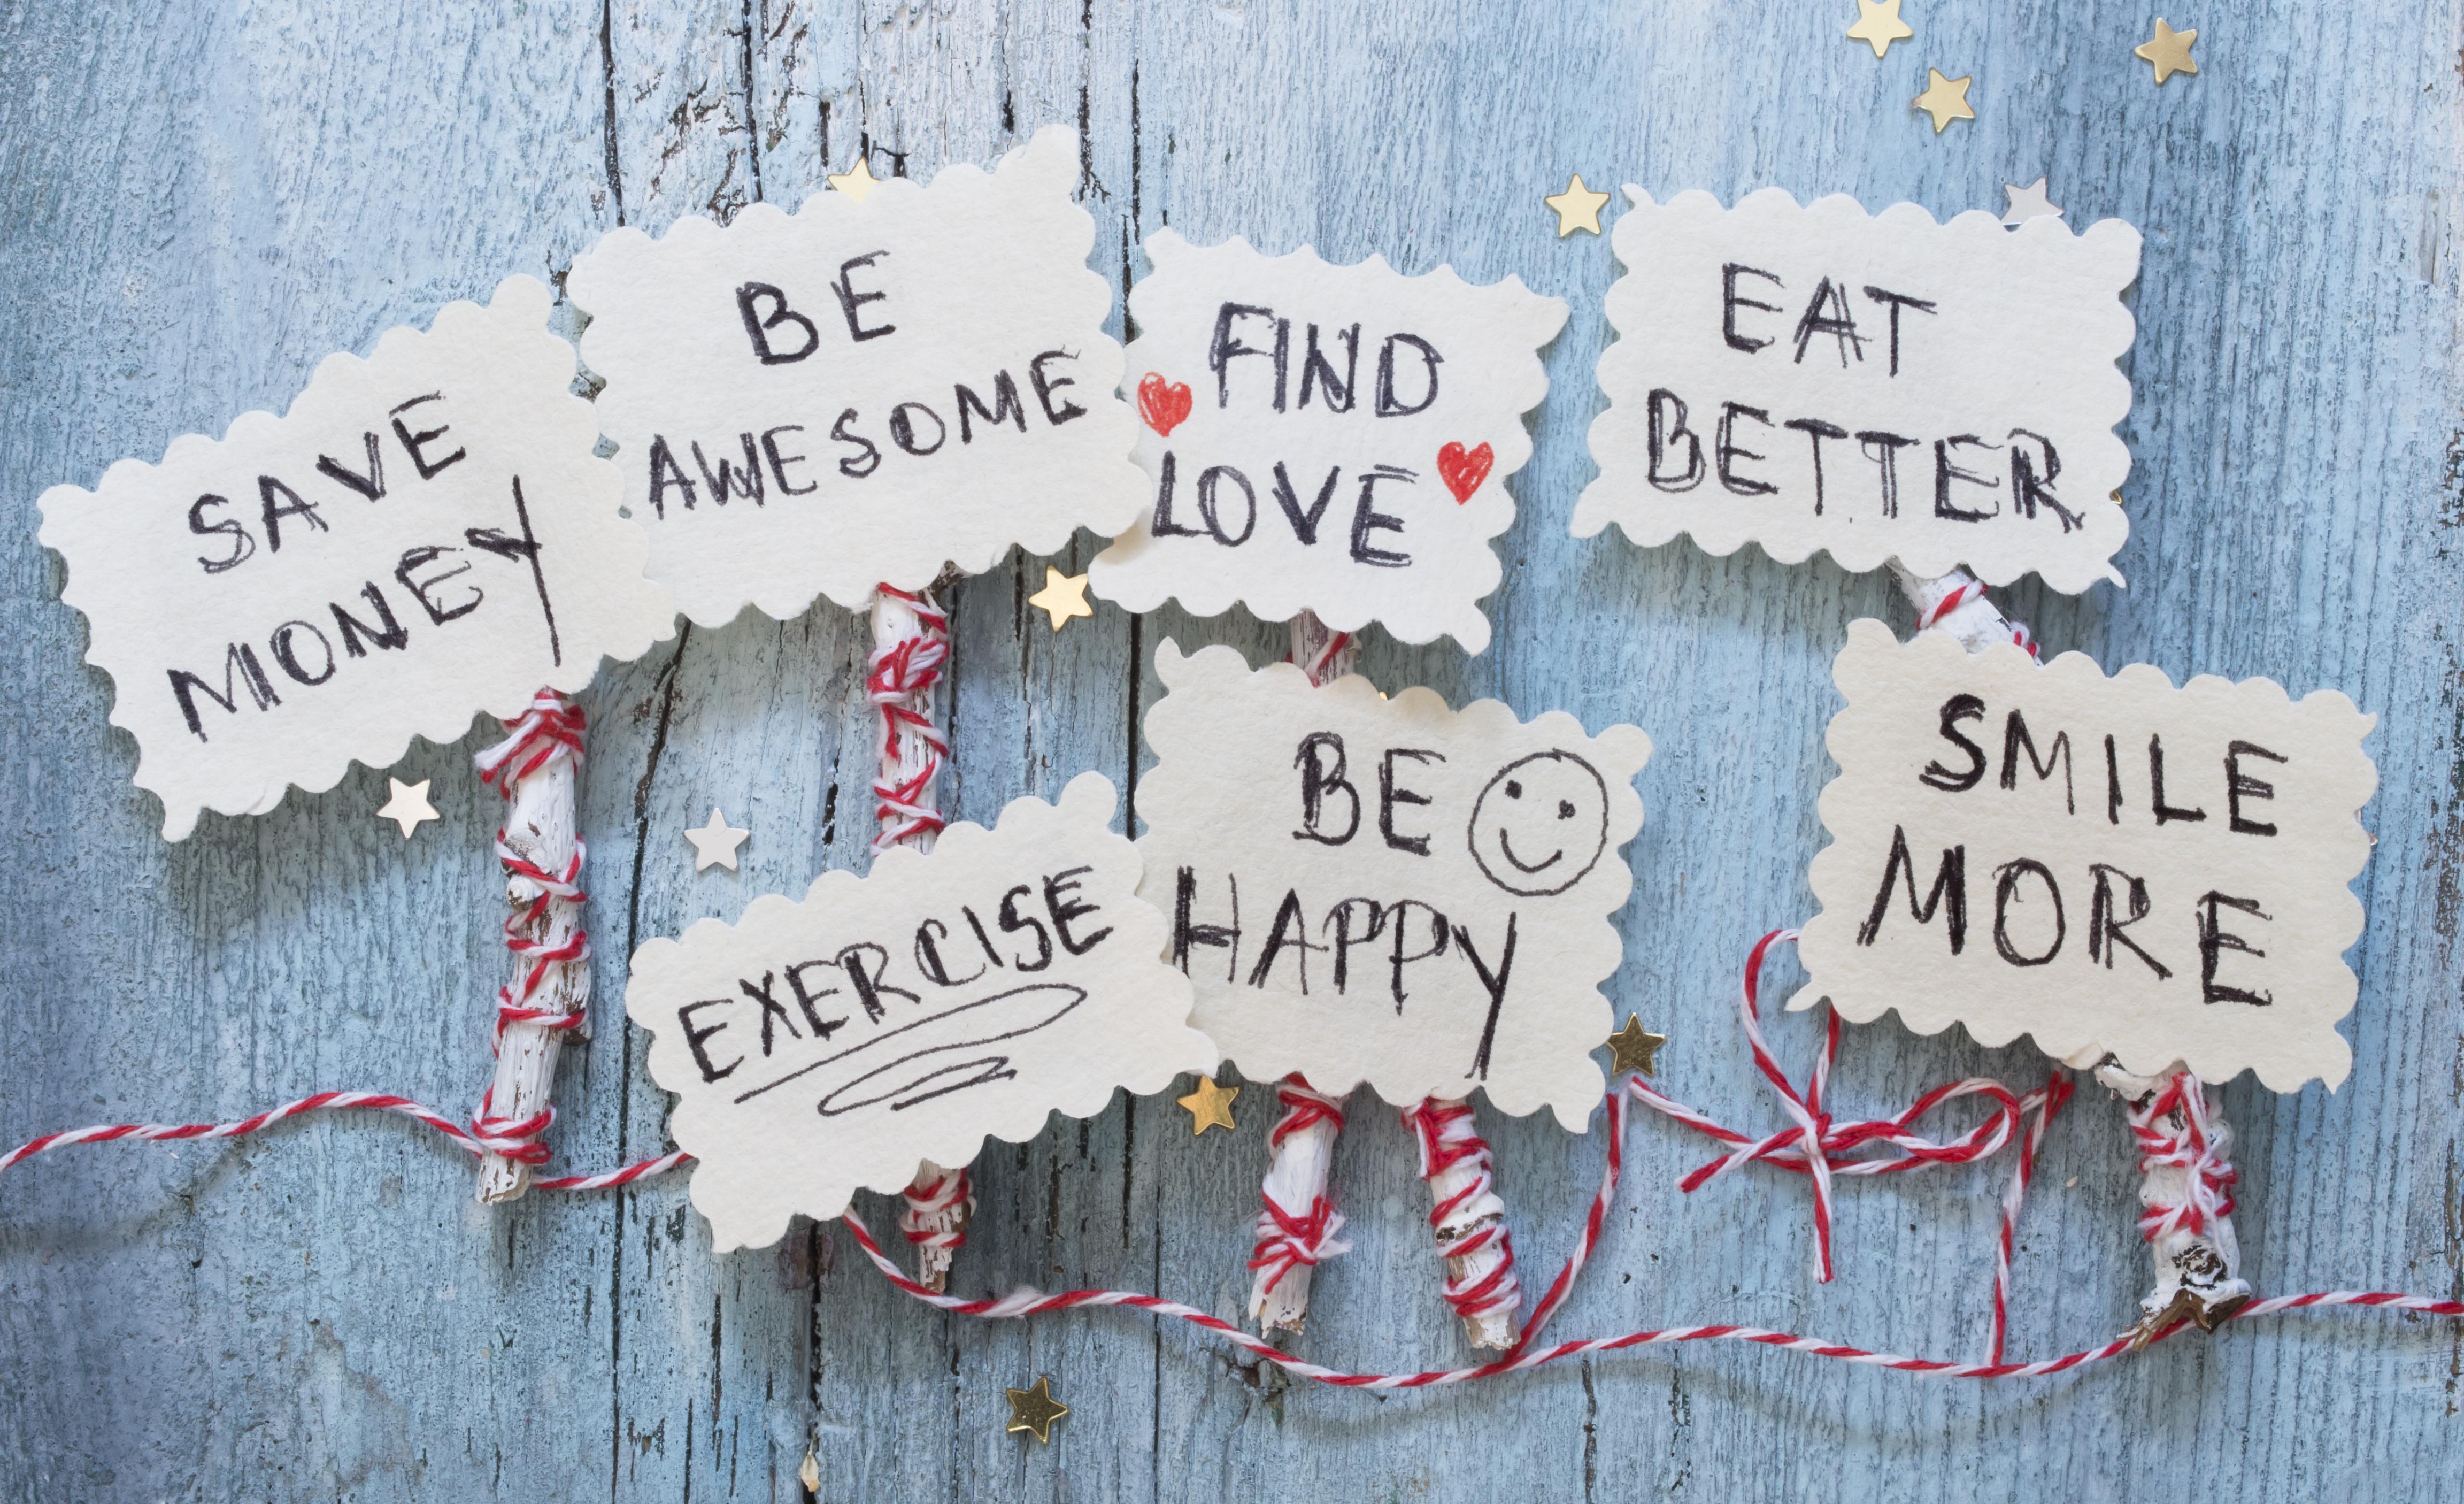 Inspirace do nového roku: 17 pozitivních předsevzetí